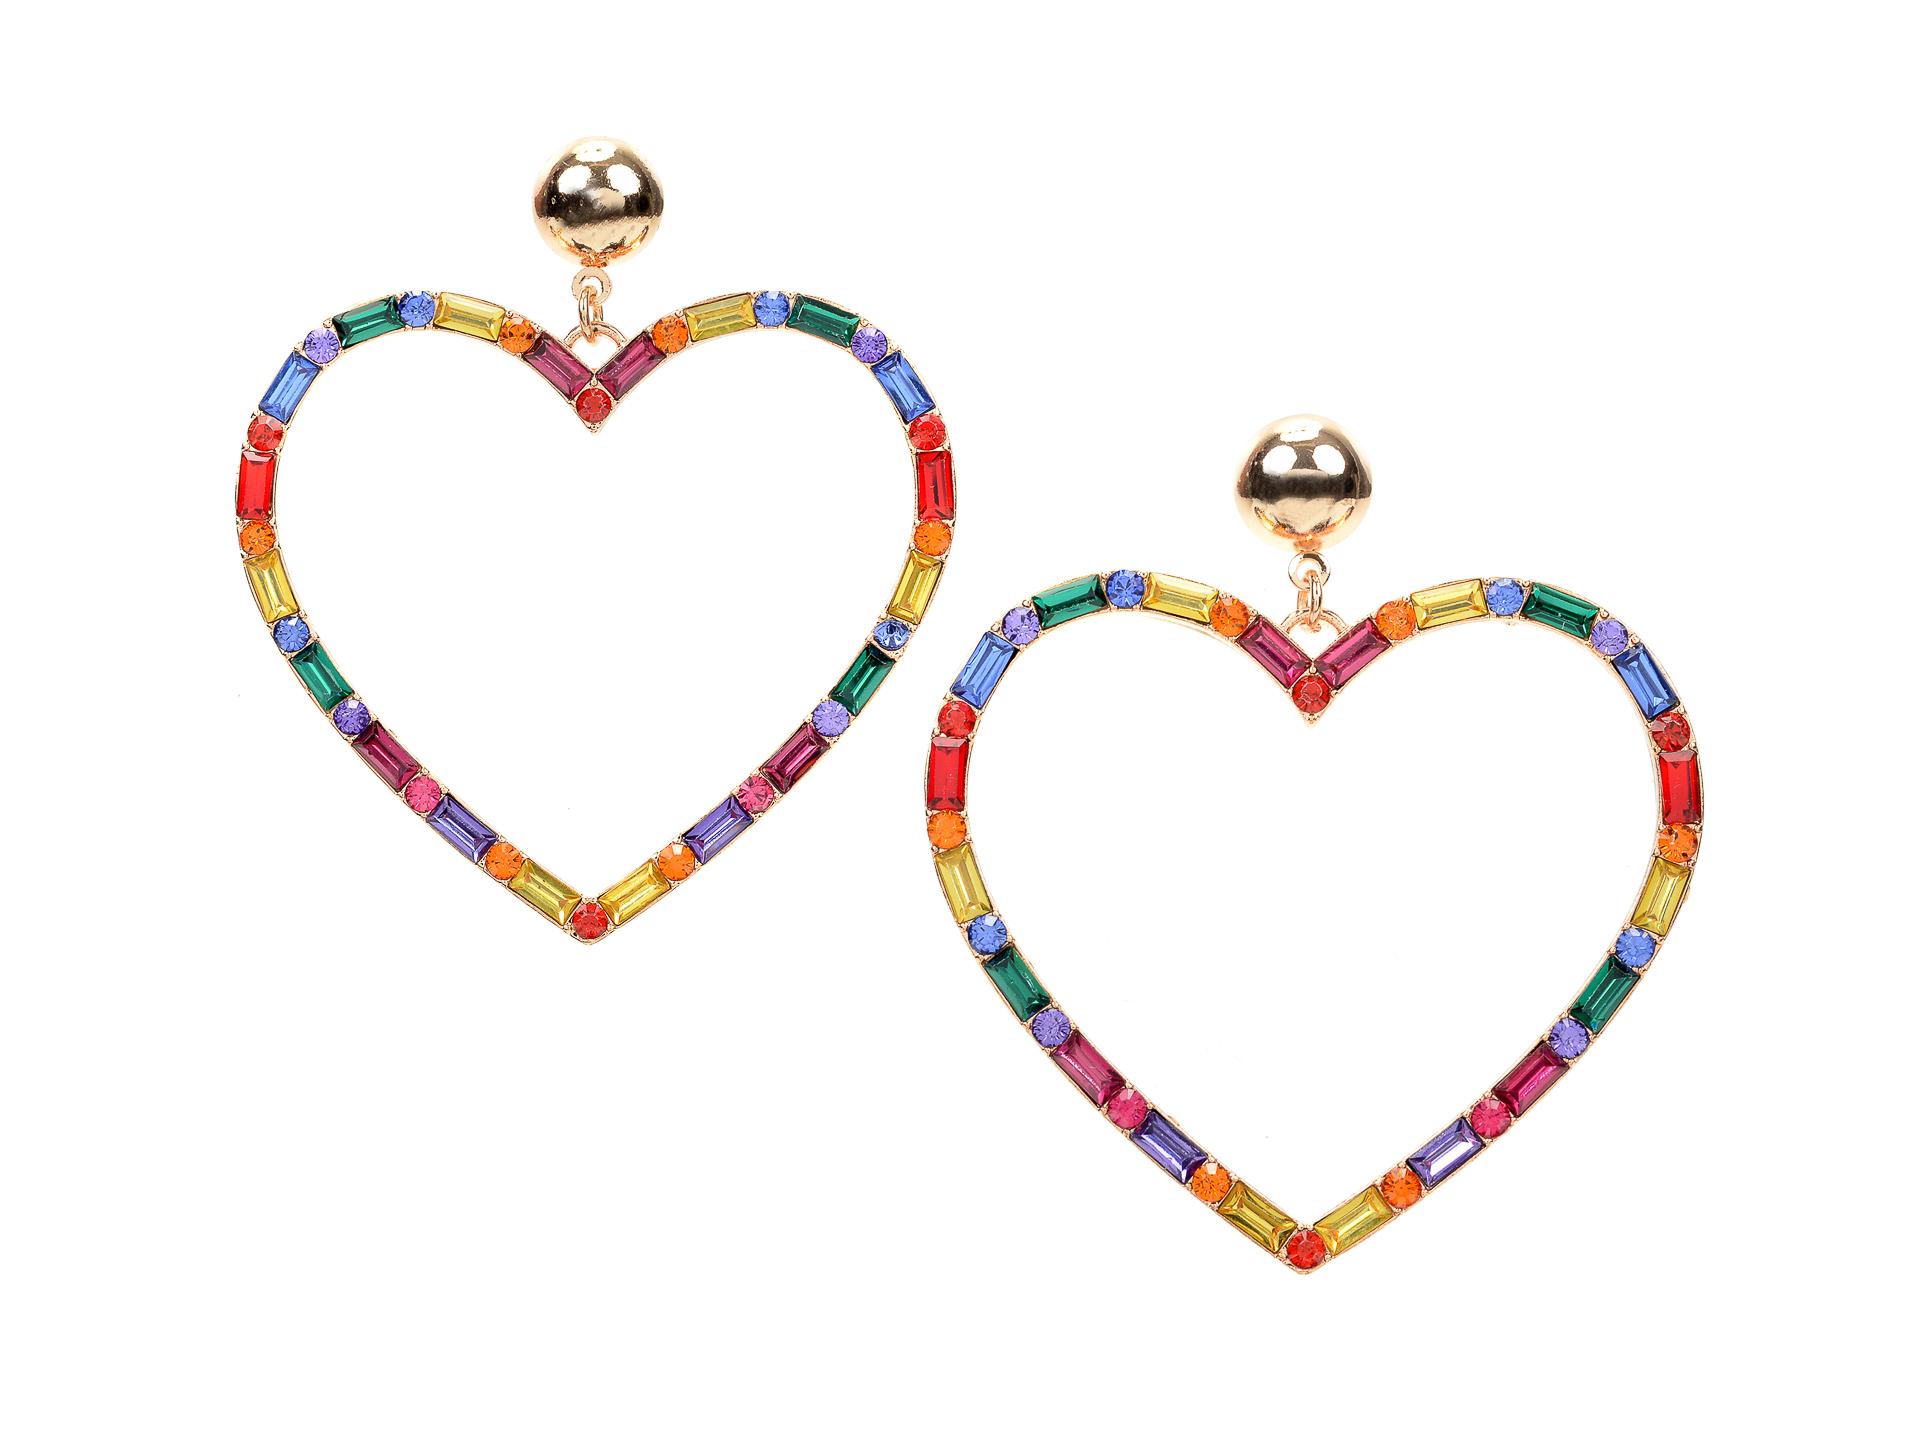 Cercei ALDO multicolori, Esra961, din metal imagine otter.ro